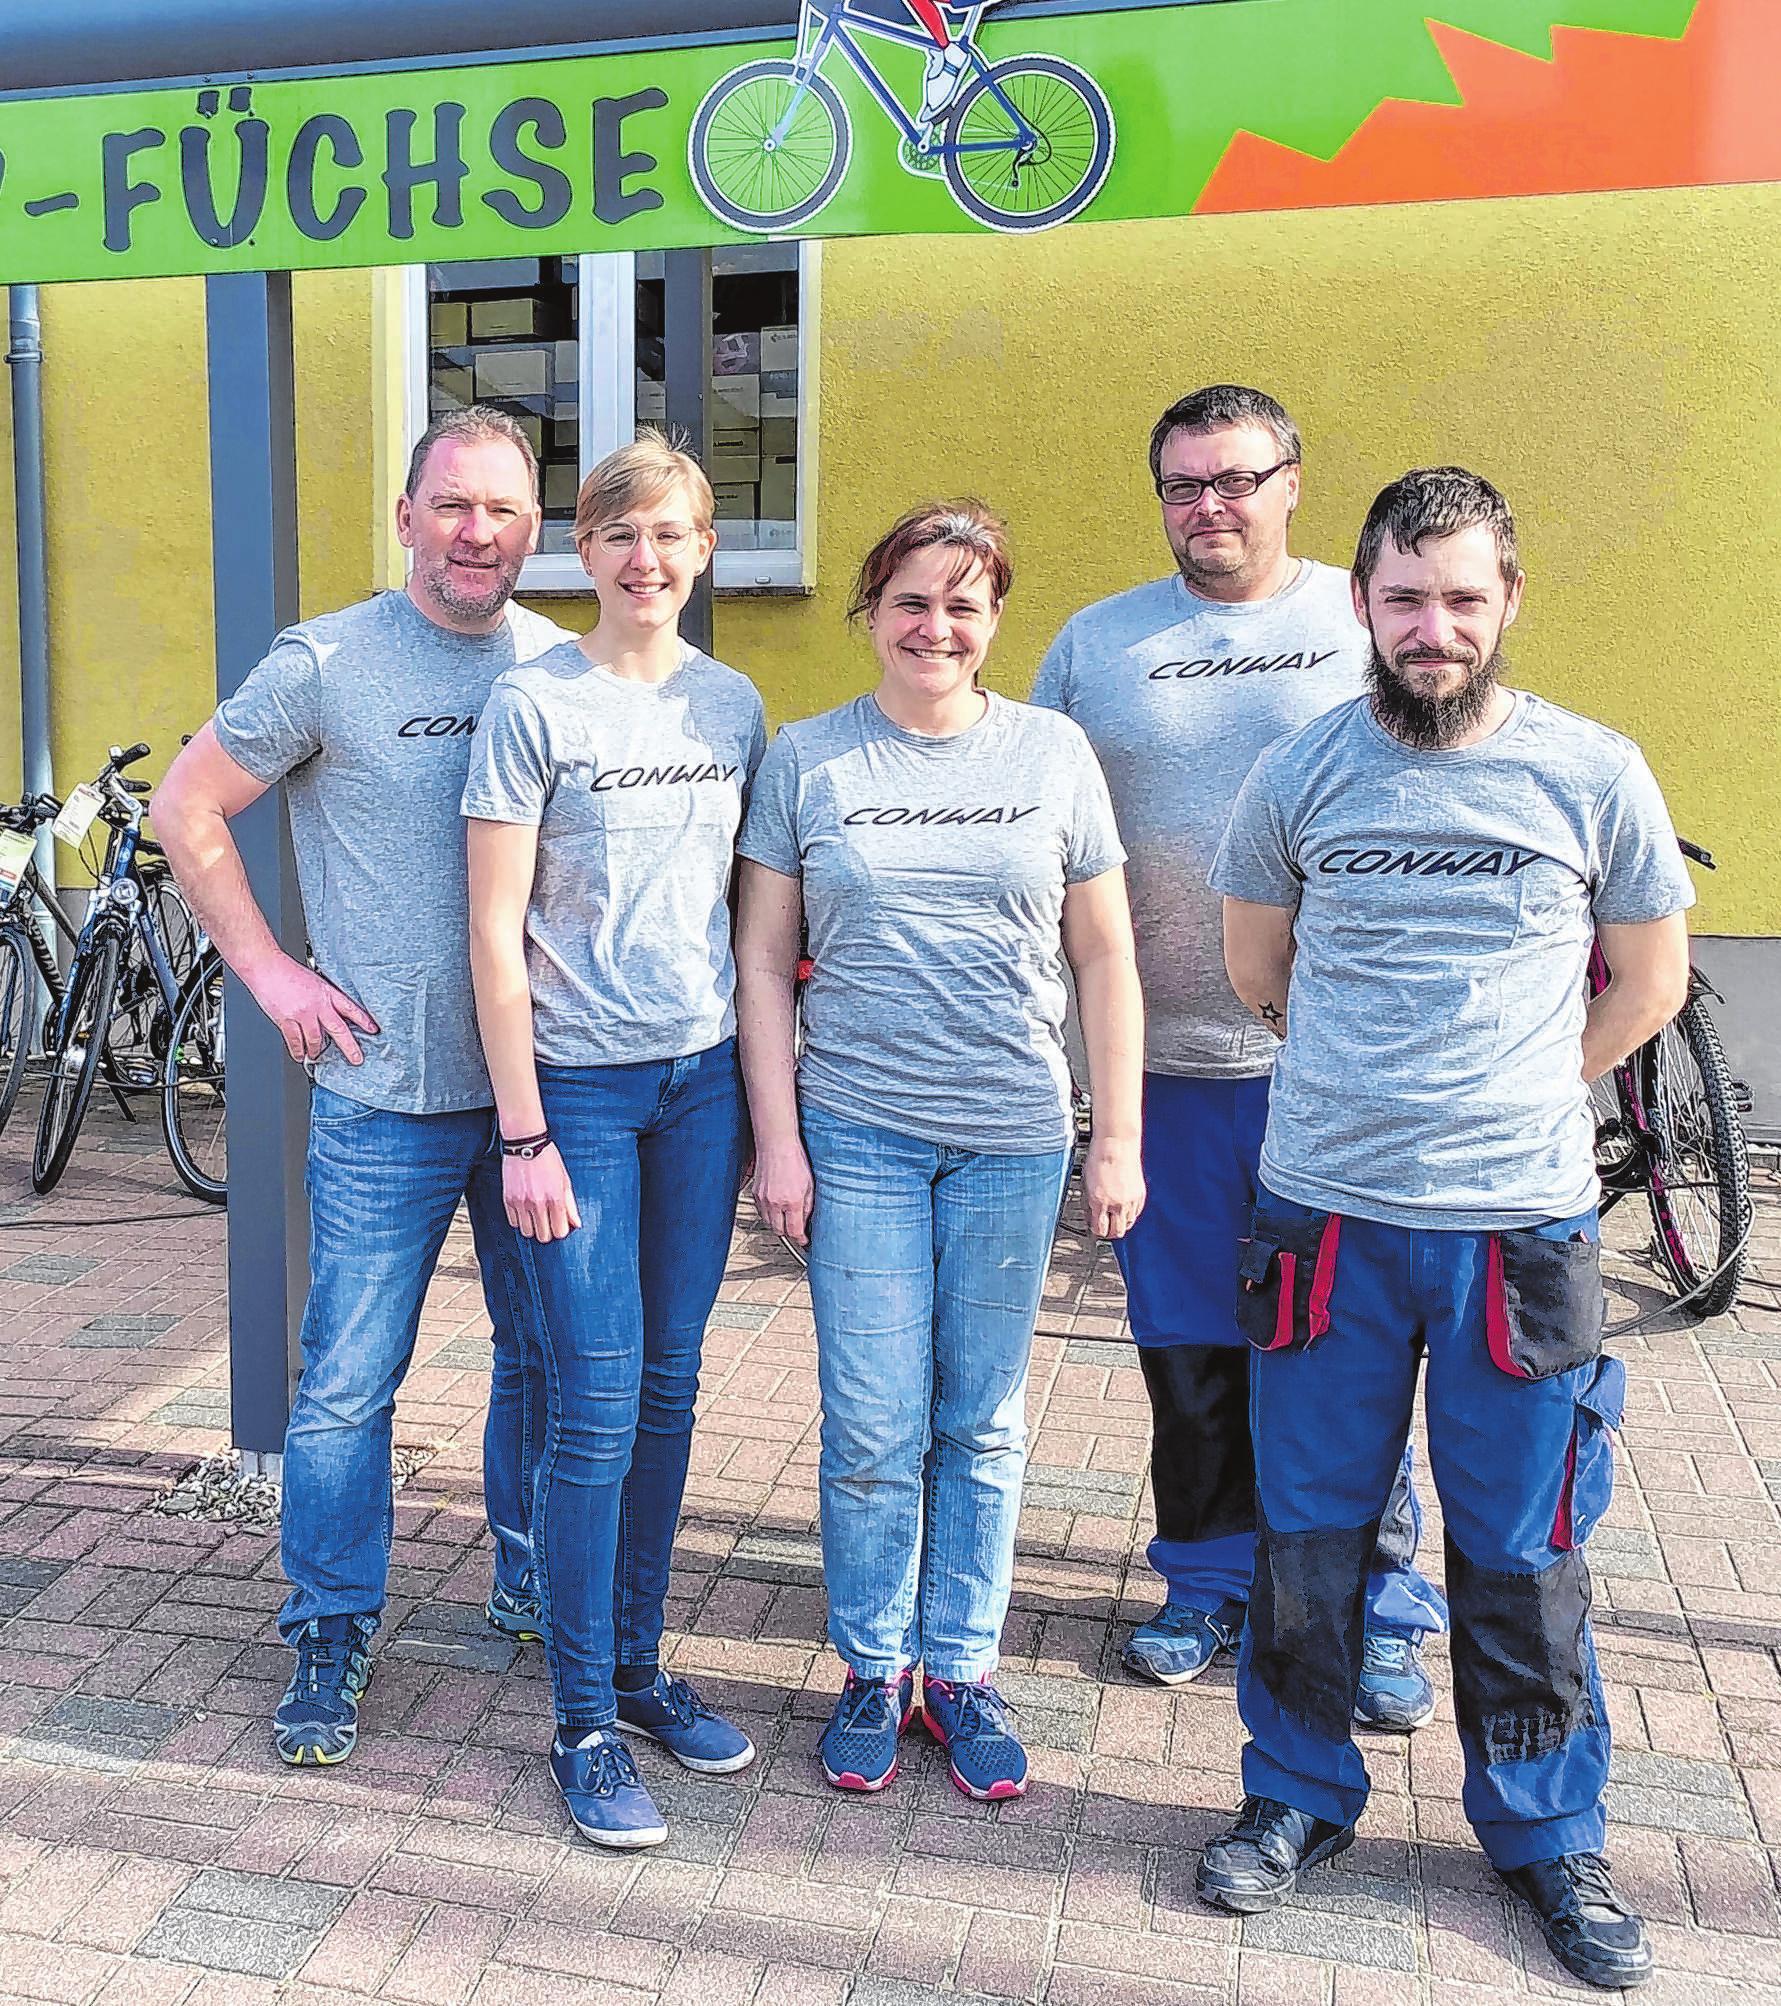 Mit Rat und Tat für ihre Kunden vor Ort: das Team der Fürstenwalder Fahrrad-Füchse Foto: Roland Pirke